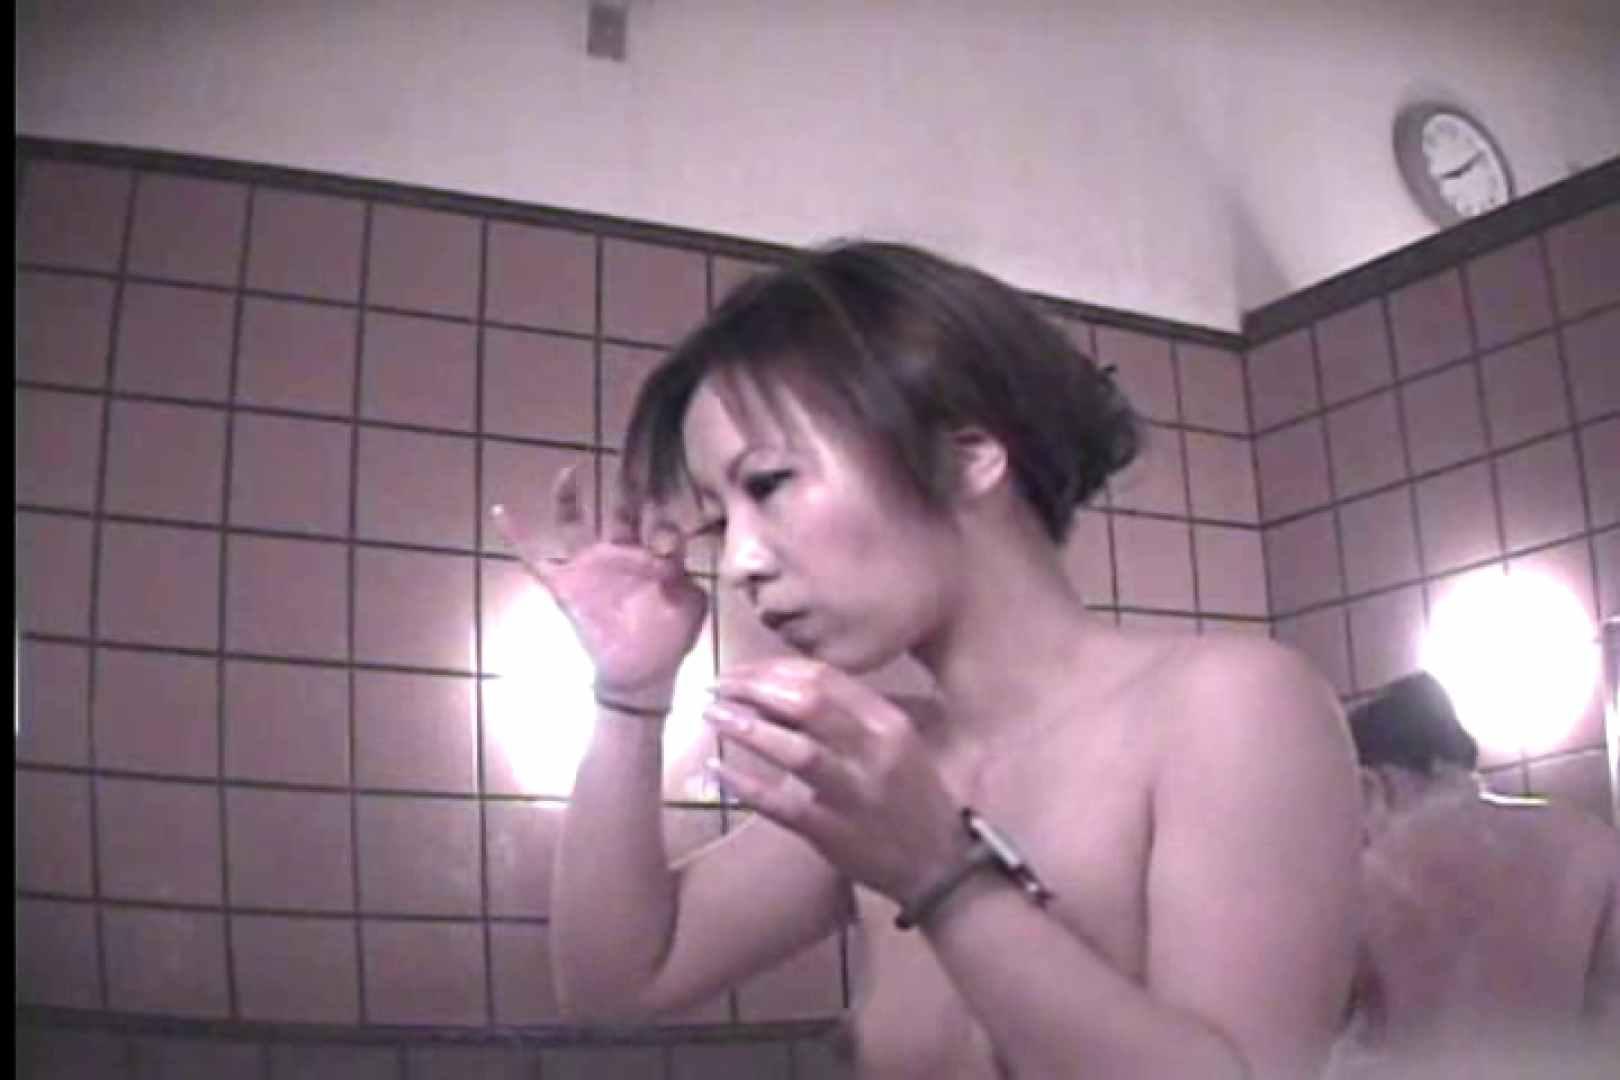 潜入女風呂 がっかり編Vol.1 女子風呂  75枚 1